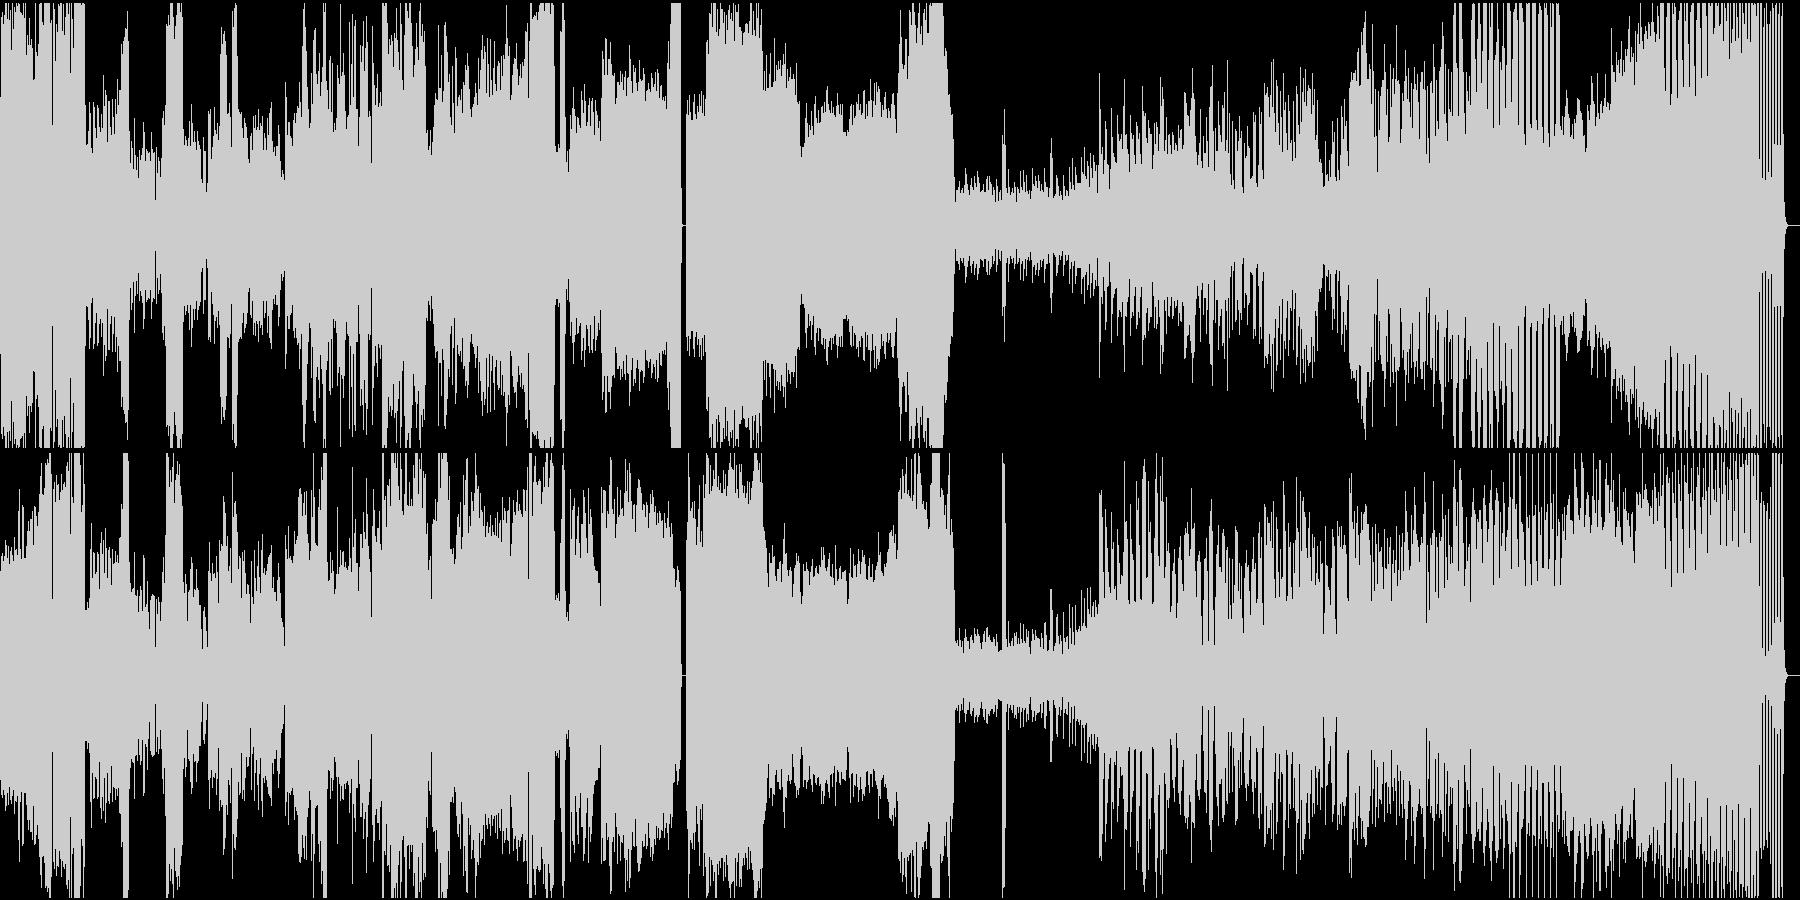 ラヴェル ピアノ協奏曲 ト長調の未再生の波形